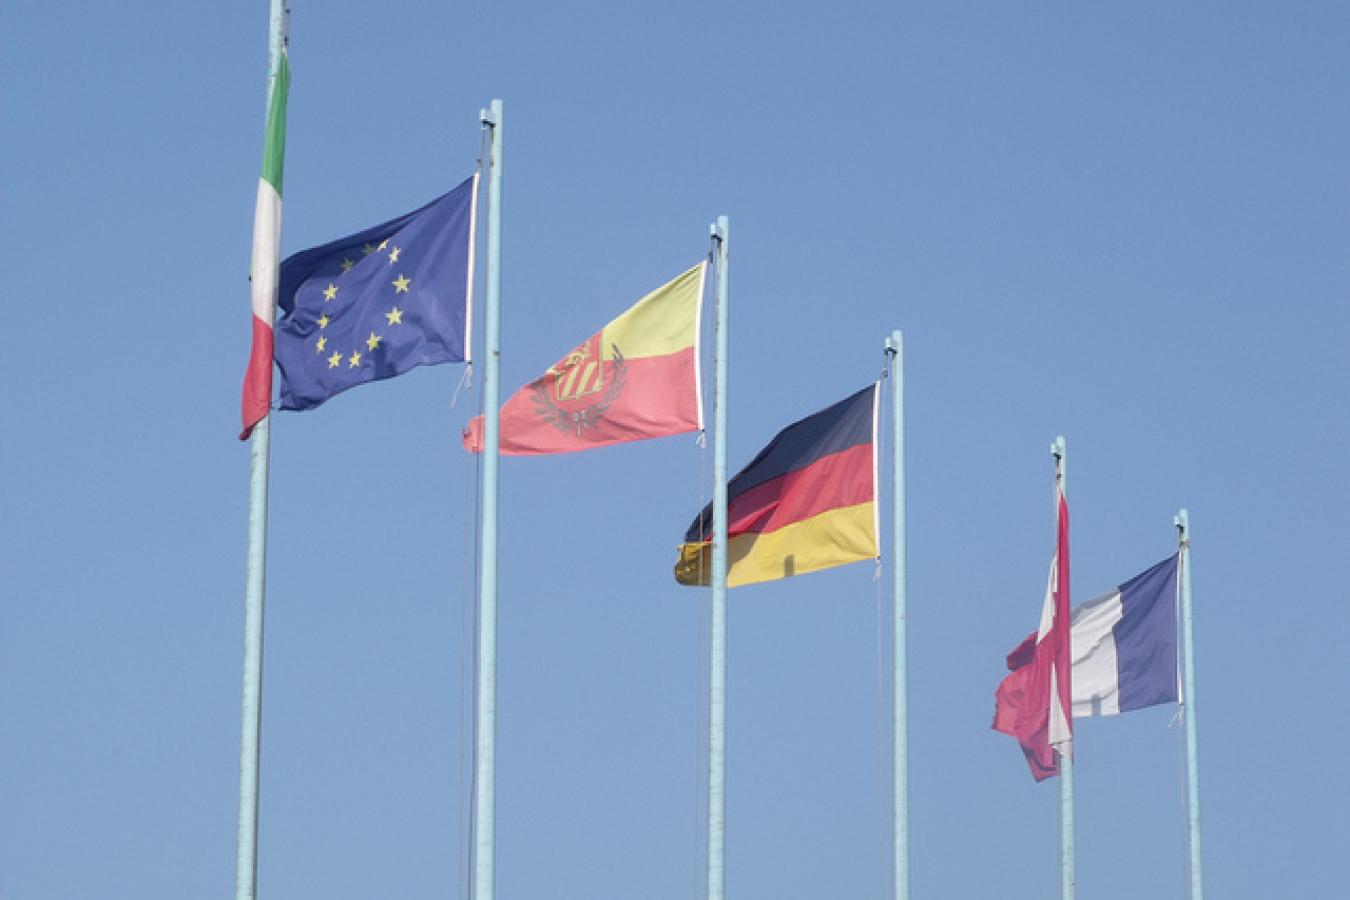 Castelletto - Lake Garda - flags of Europe